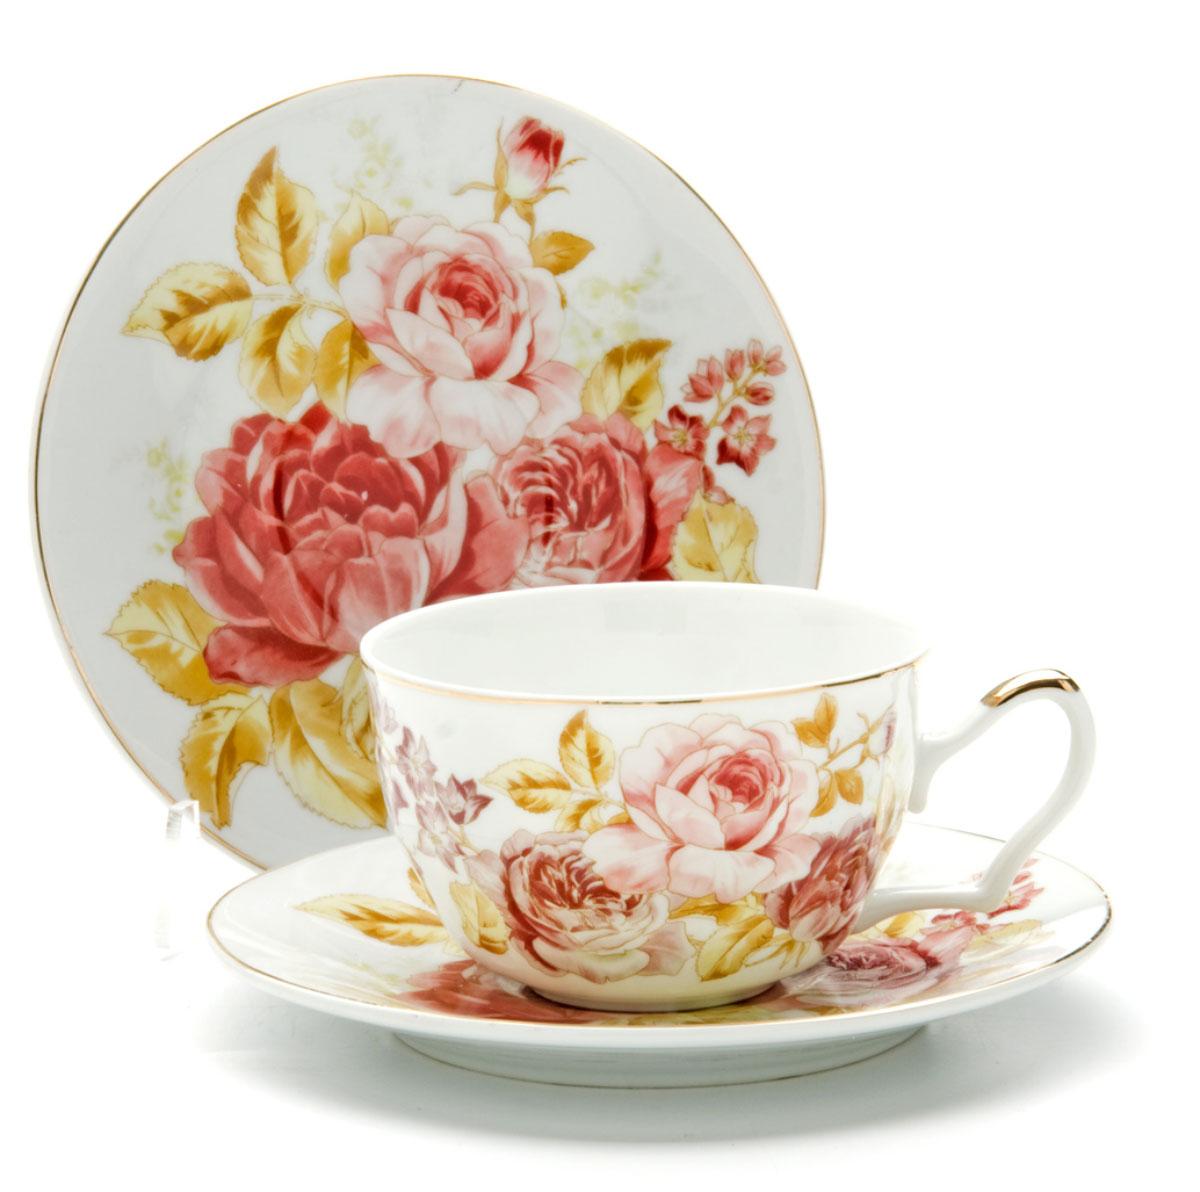 Чайная пара Loraine Розы, 250 мл, 4 предмета. 2459224592Этот чайный набор, выполненный из керамики, состоит из двух чашек и двух блюдец. Предметы набора оформлены ярким изображением цветов. Изящный дизайн и красочность оформления придутся по вкусу и ценителям классики, и тем, кто предпочитает утонченность и изысканность. Чайный набор - идеальный и необходимый подарок для вашего дома и для ваших друзей в праздники, юбилеи и торжества! Он также станет отличным корпоративным подарком и украшением любой кухни. Чайный набор упакован в подарочную коробку из плотного цветного картона. Внутренняя часть коробки задрапирована белым атласом.